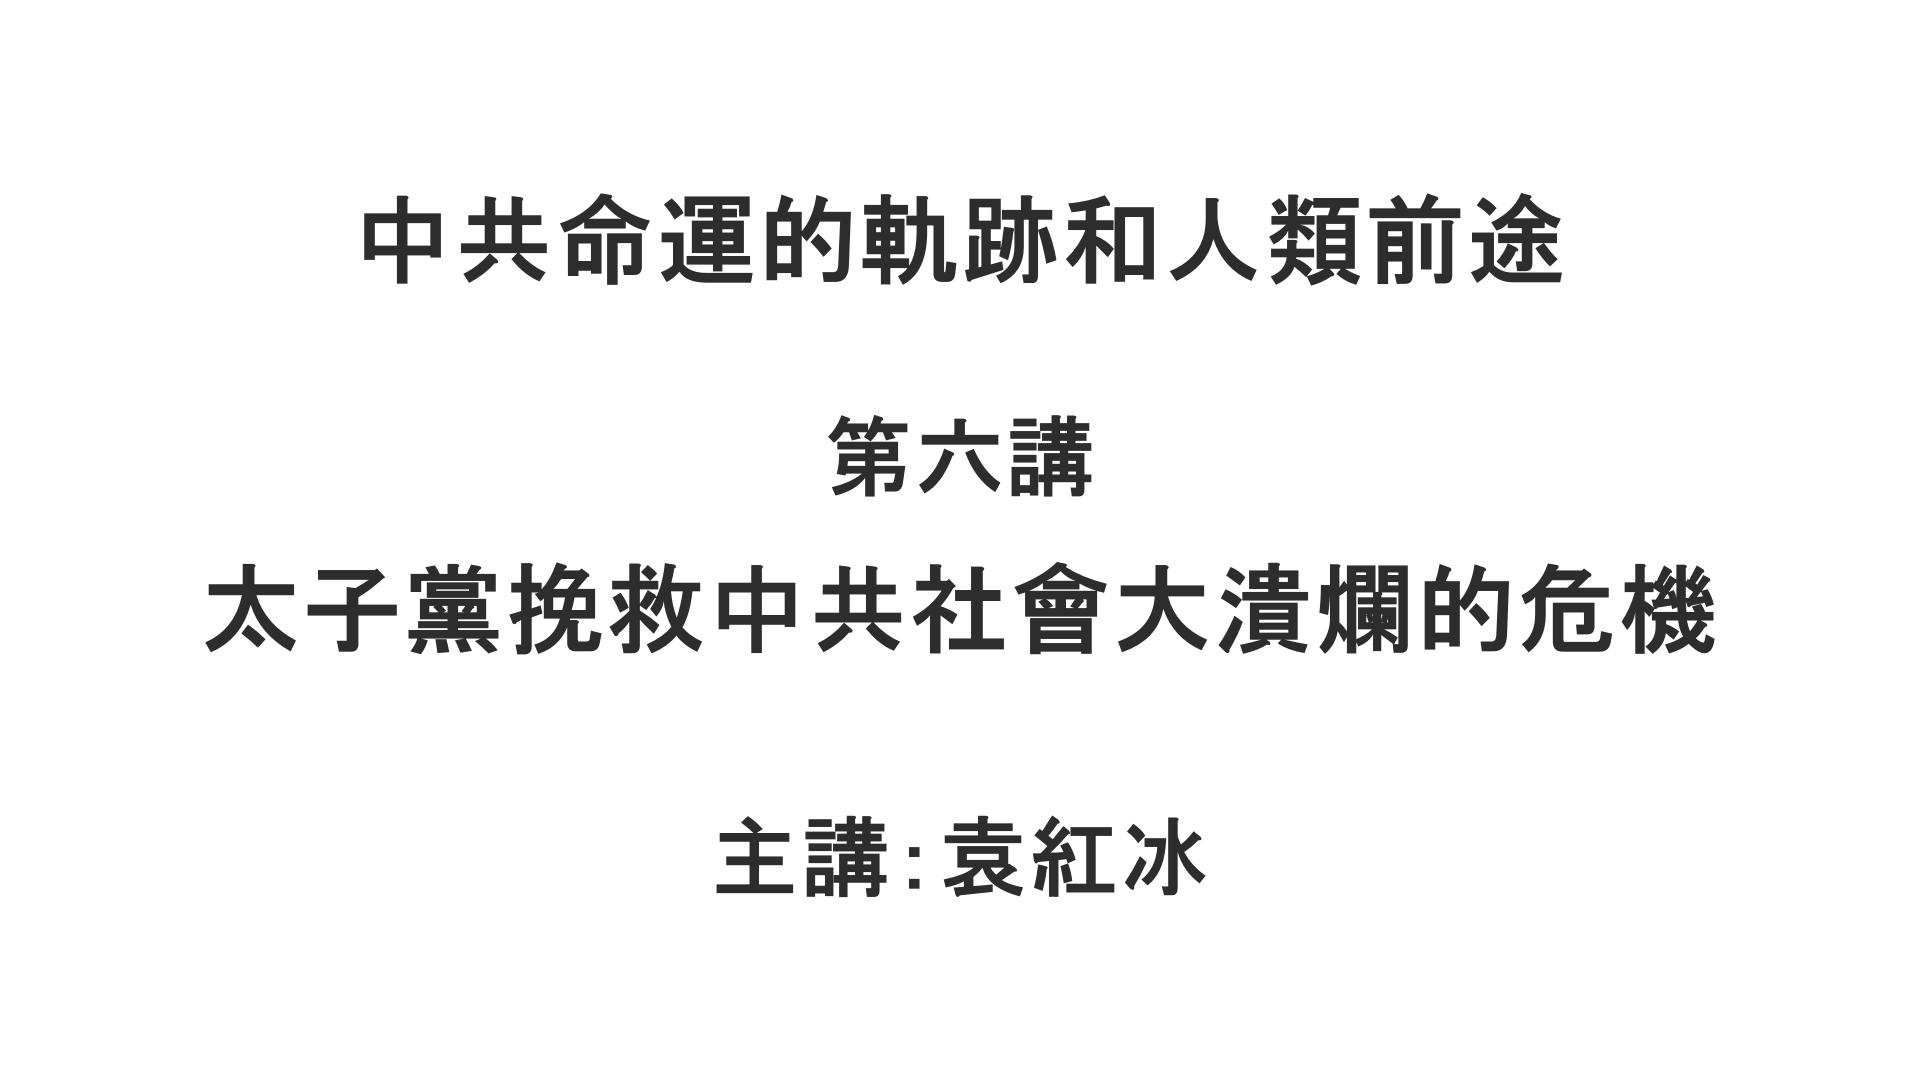 YuanHongBing-ZongLun-5-6-04132021